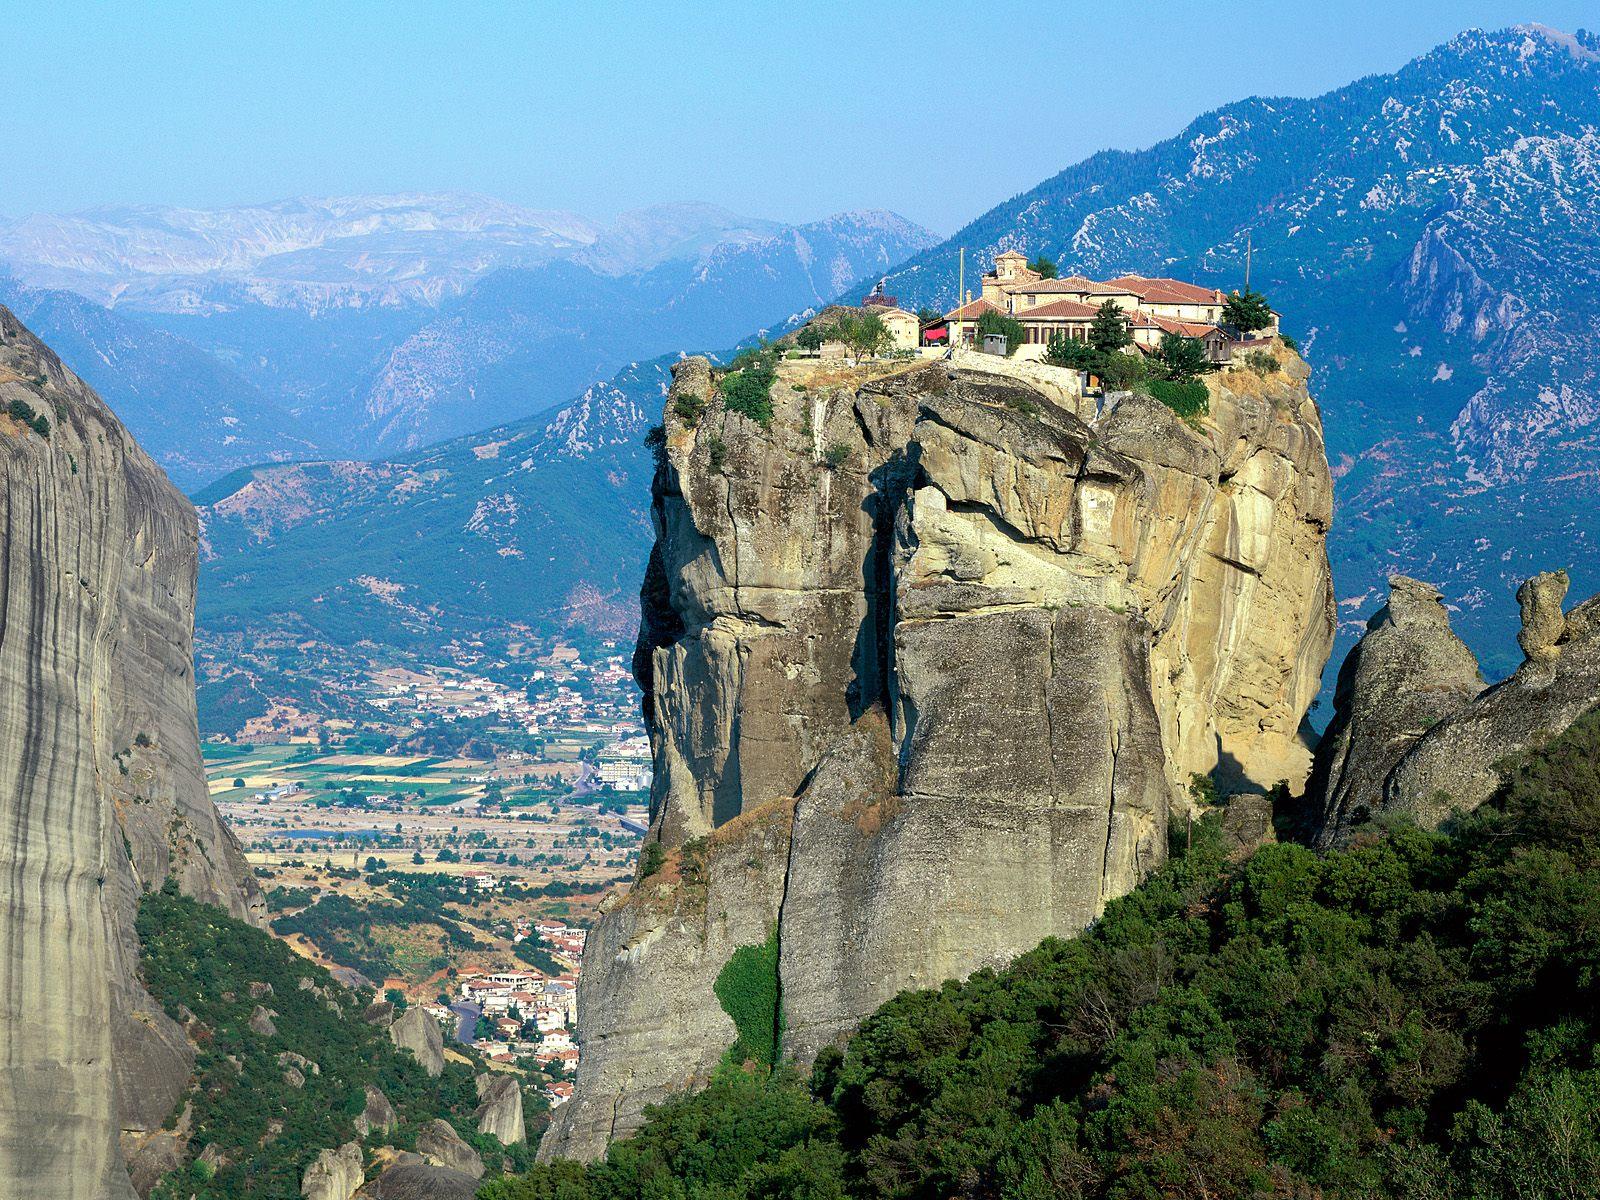 http://4.bp.blogspot.com/-52iyMh5EyWY/TuNDgvxaQoI/AAAAAAAAJLk/yRNfJukLFyc/s1600/Monastery_of_Agia_Triada_Meteora_Greece.jpg